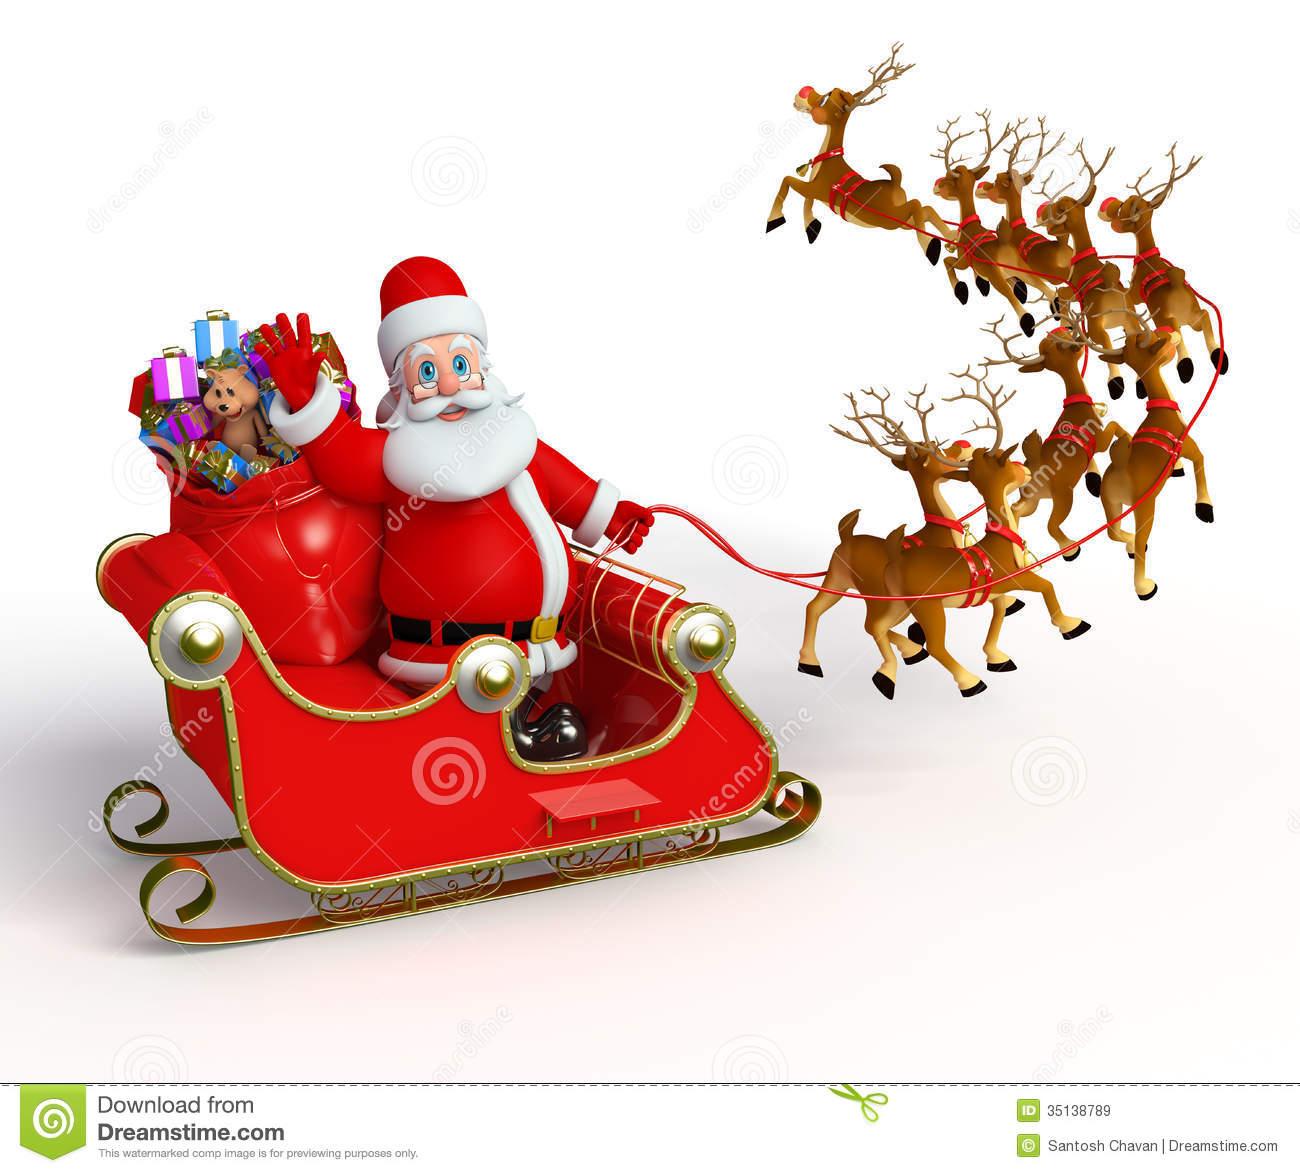 Santa sleigh santa claus with his sleigh